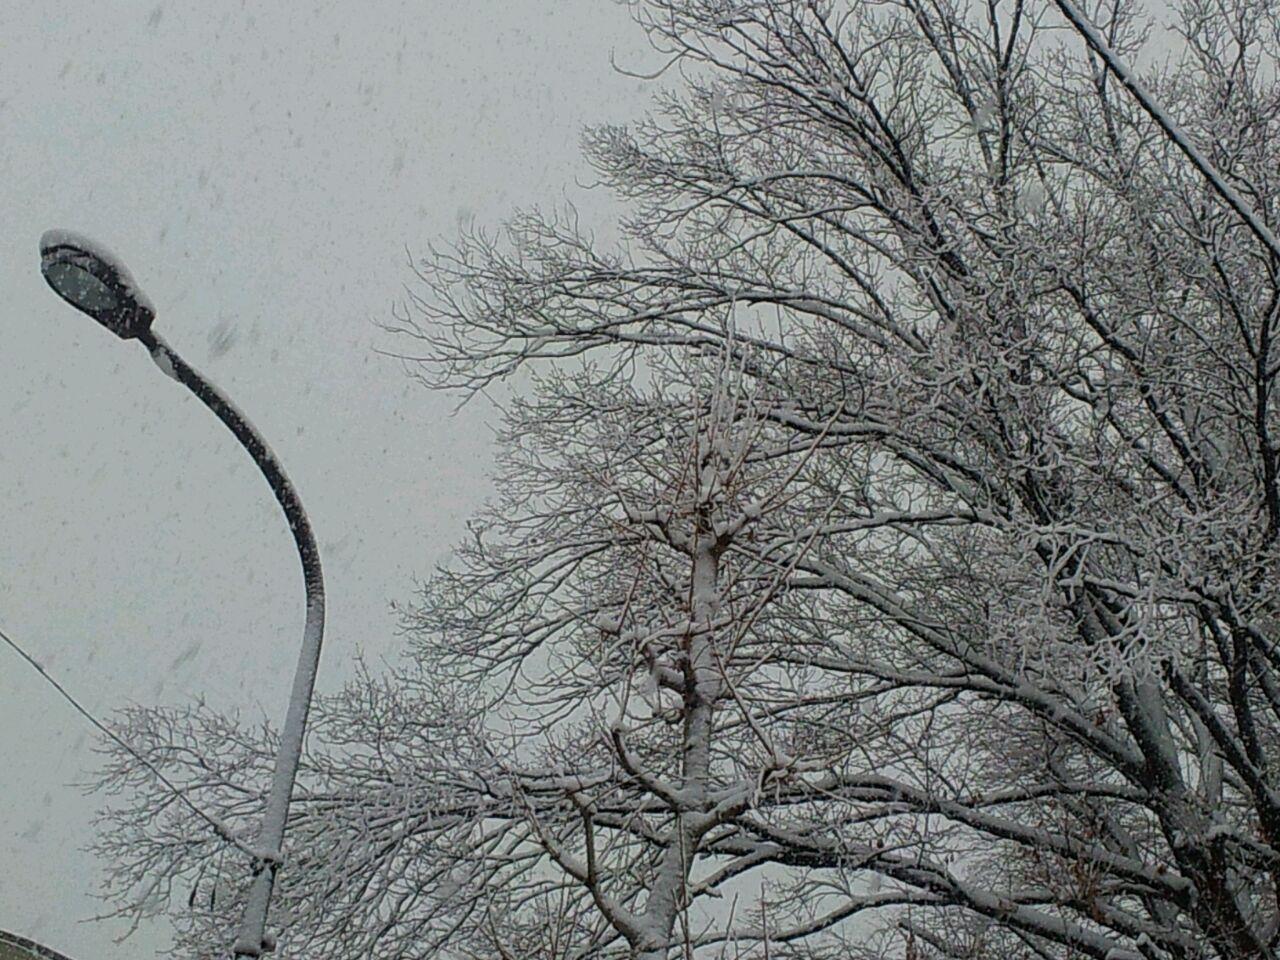 降雪の影響